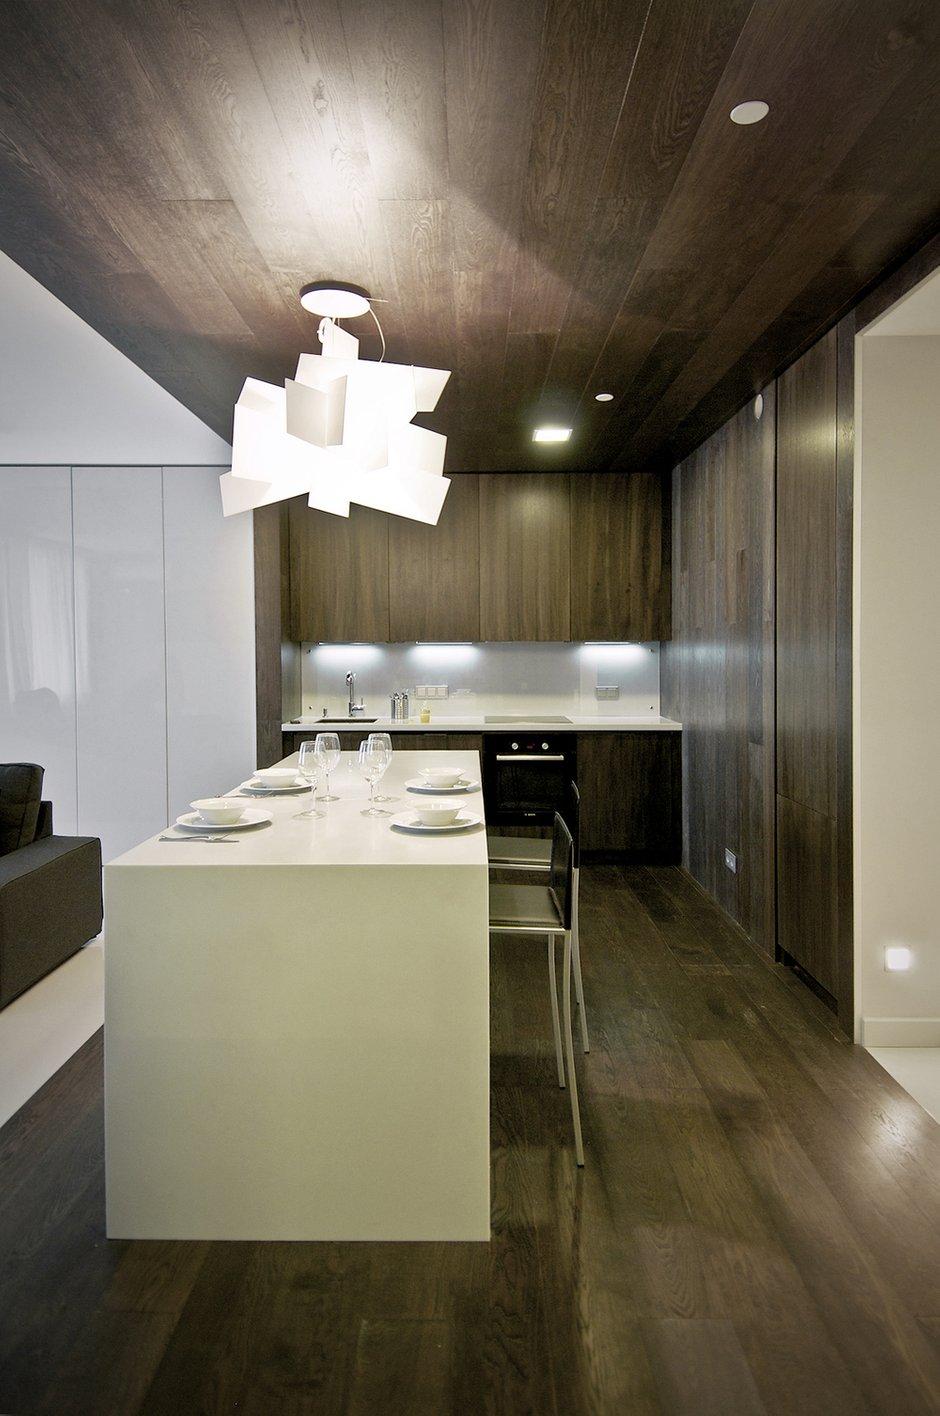 Фотография: Кухня и столовая в стиле Лофт, Современный, Квартира, Дома и квартиры, IKEA, Проект недели – фото на INMYROOM